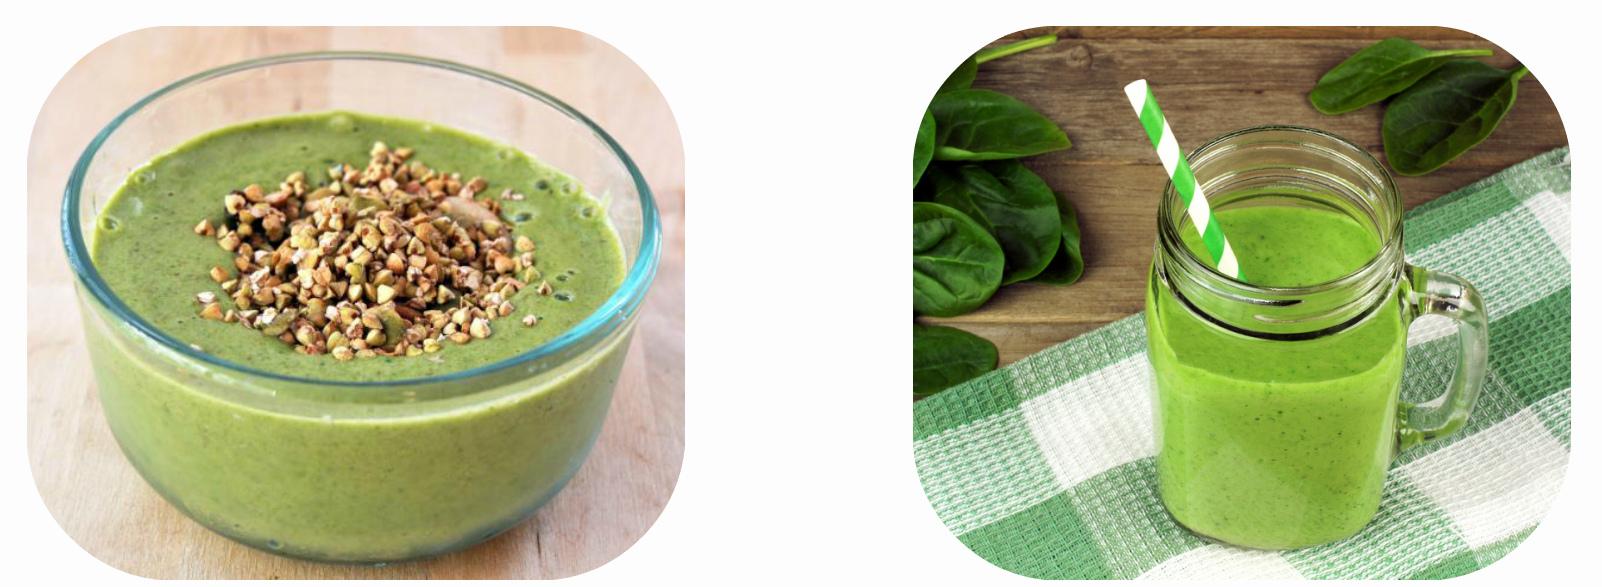 Коктейль из зеленой гречки